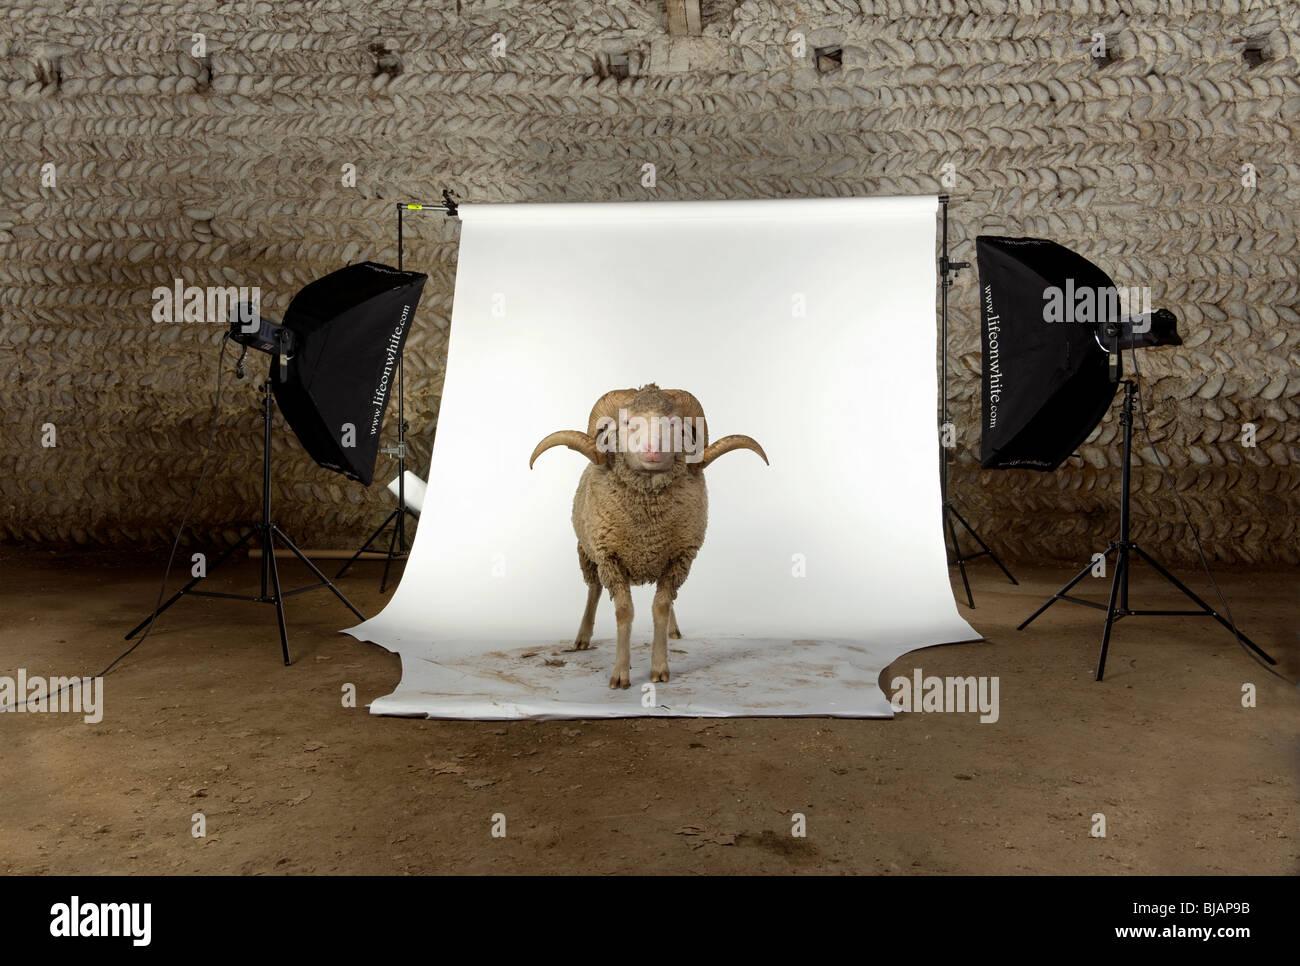 Arles Merino sheep, ram, 3 years old, standing in photo shoot studio - Stock Image